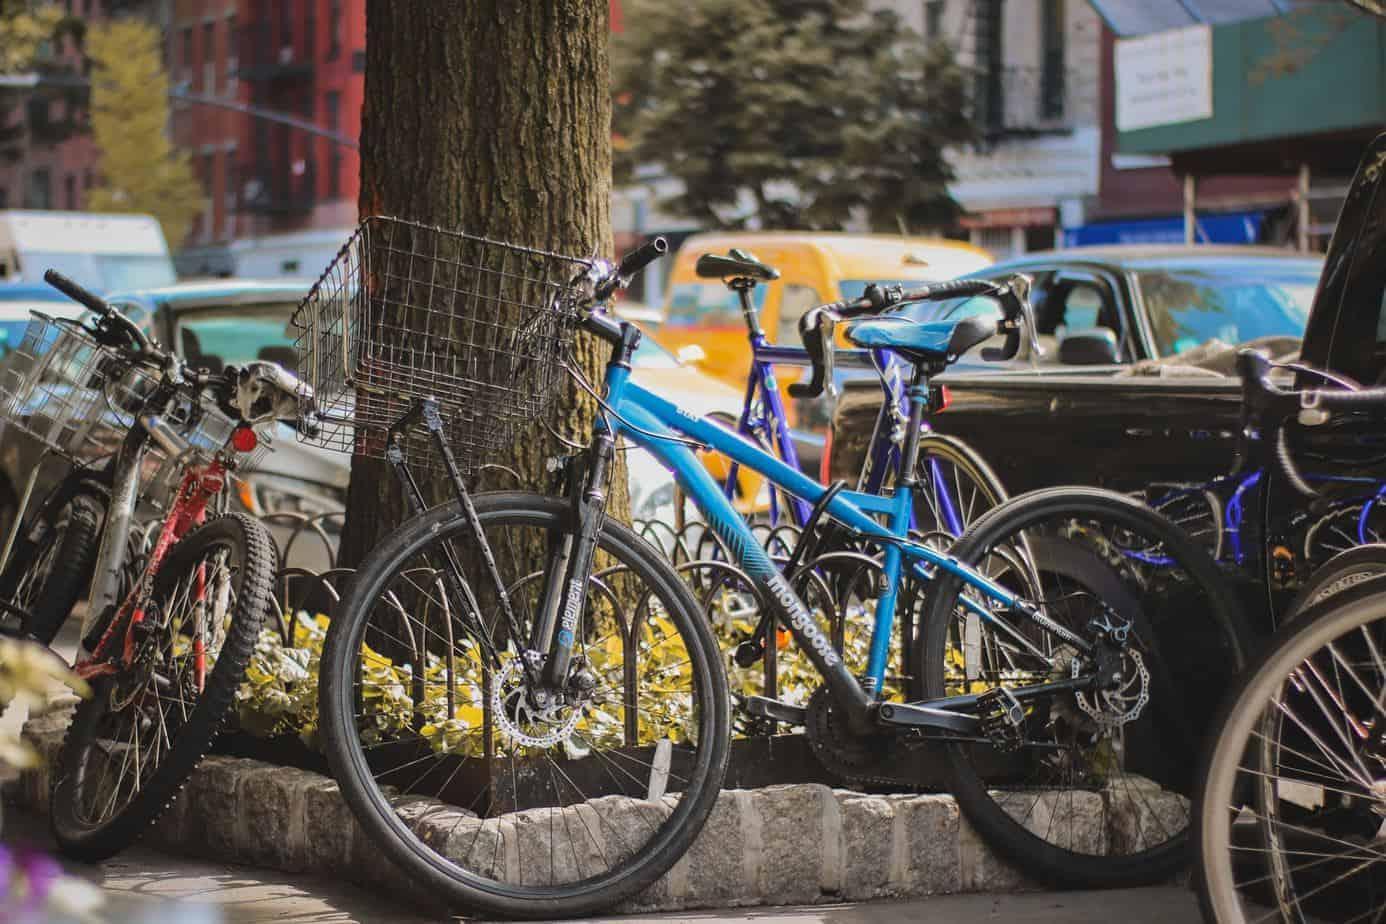 bicicletas alrededor de un árbol